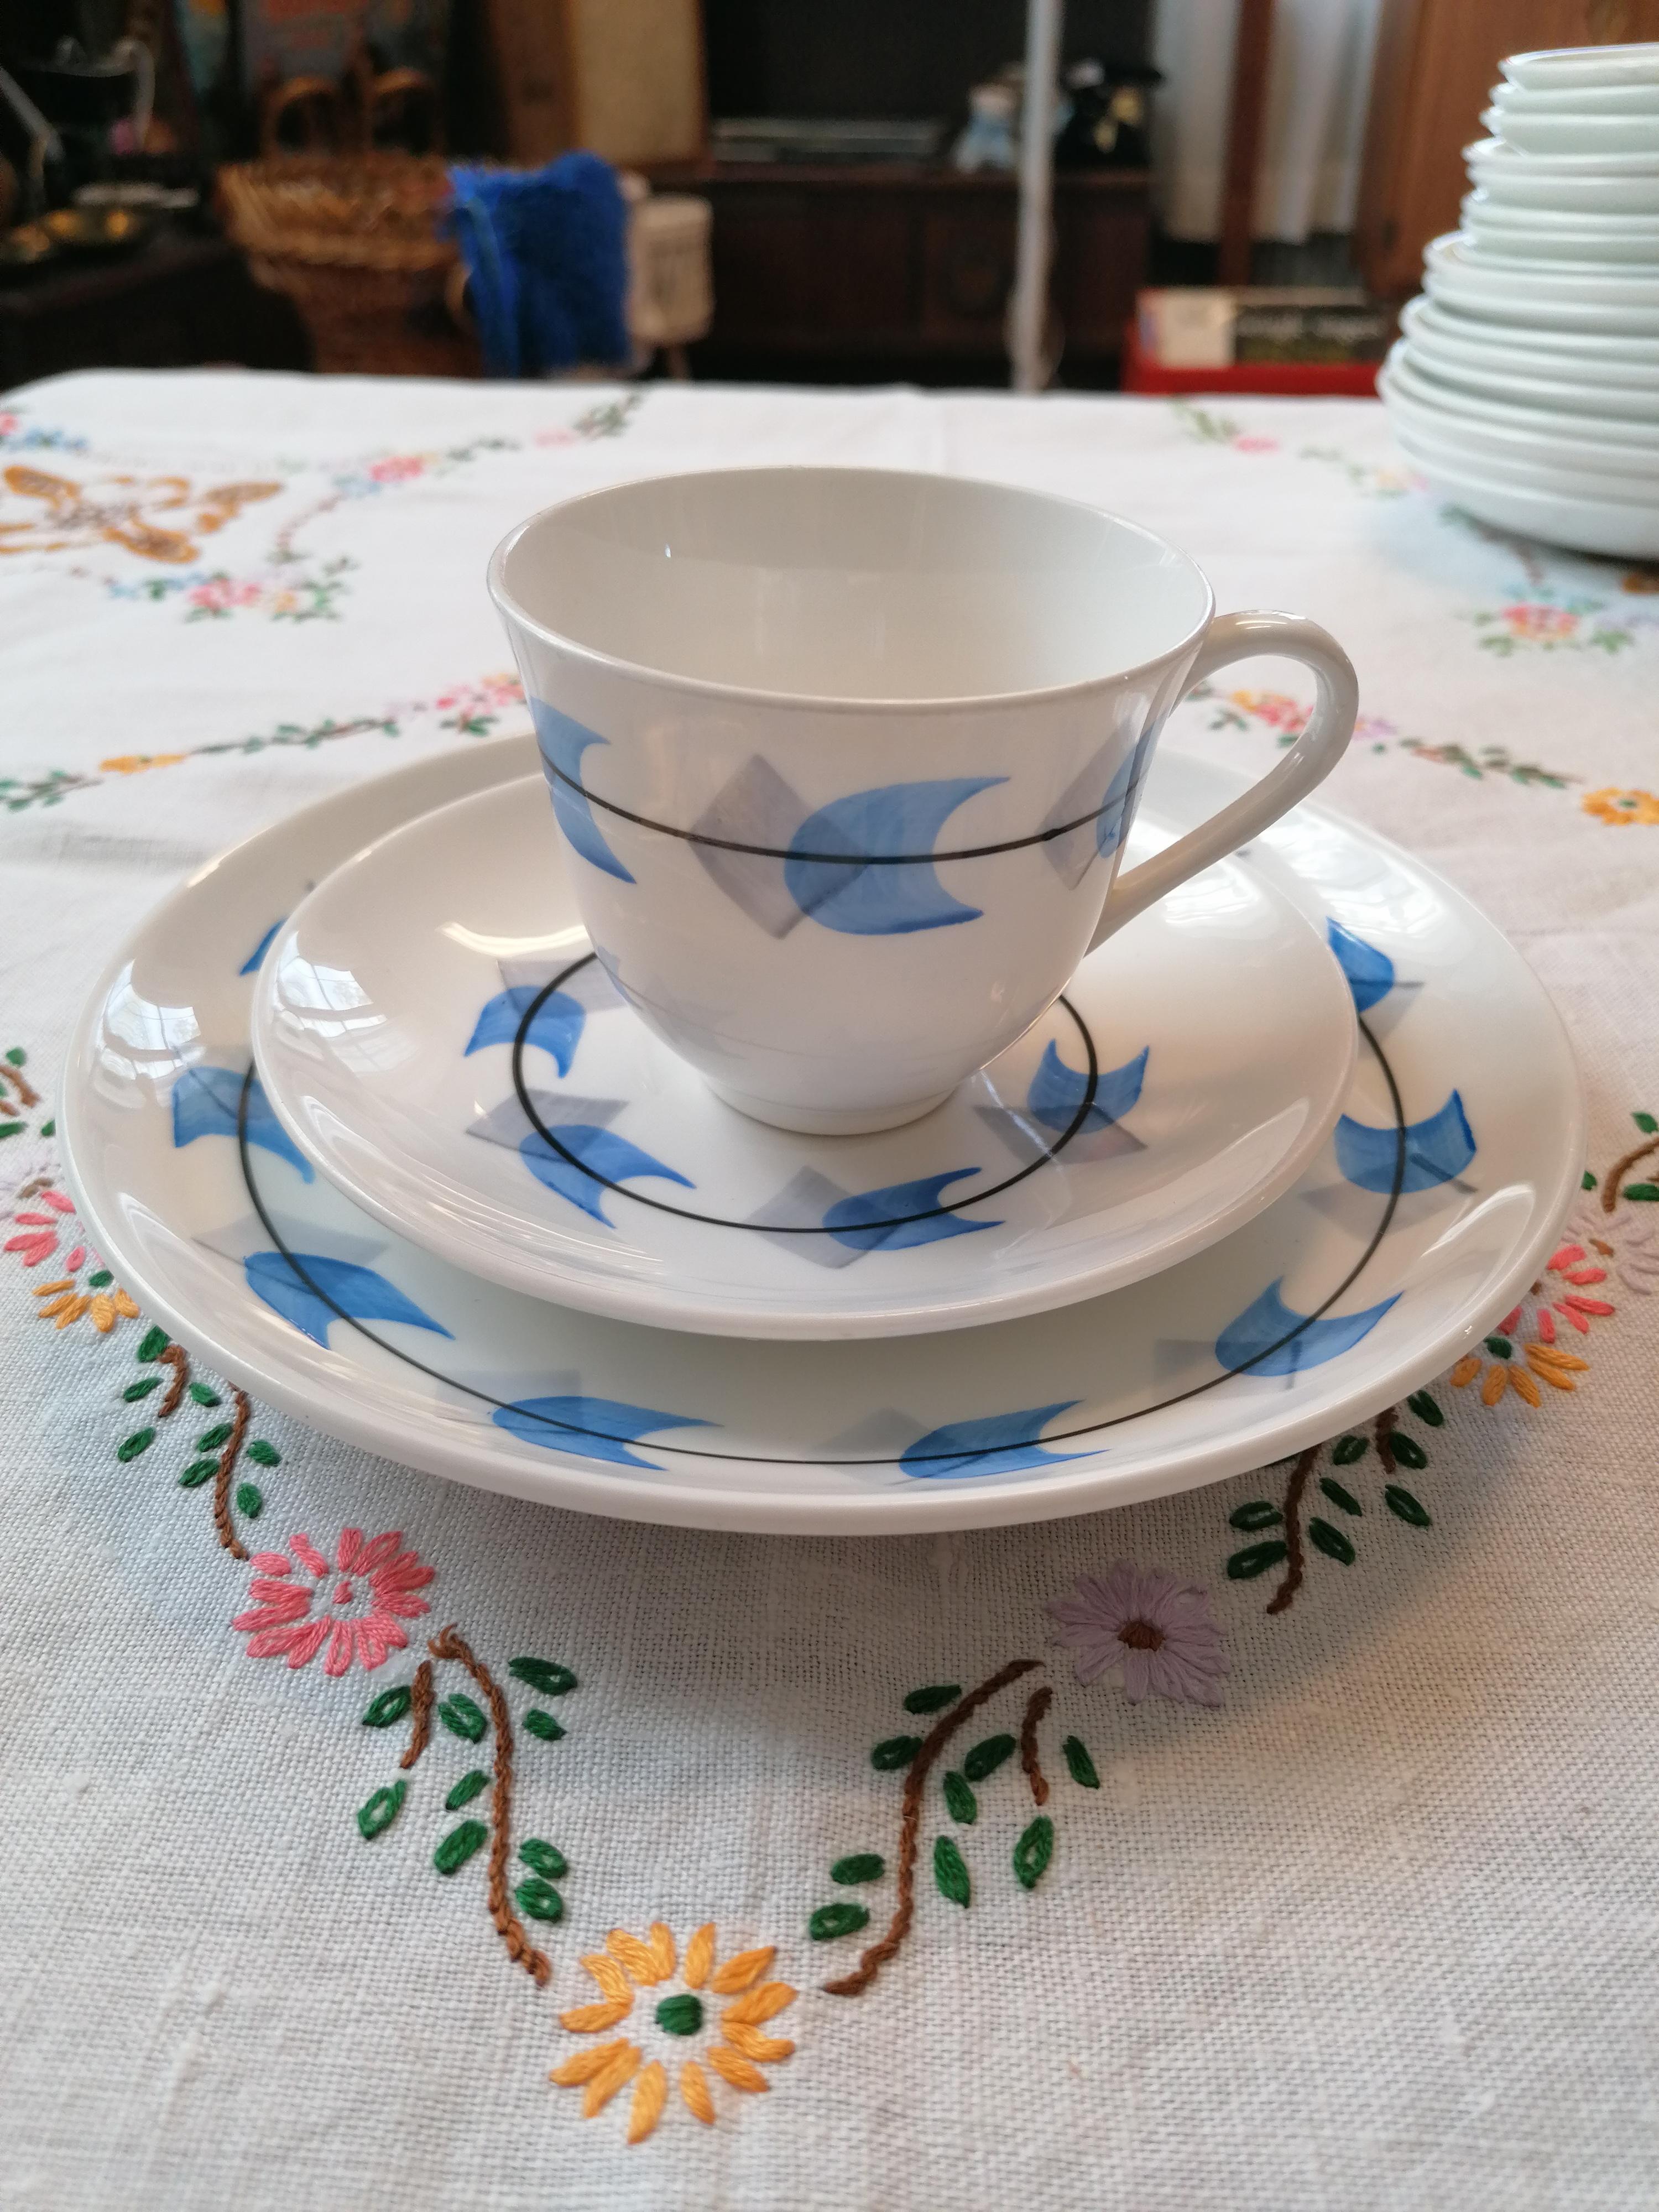 Kaffegods från Gustavsberg set om kopp fat och assiett